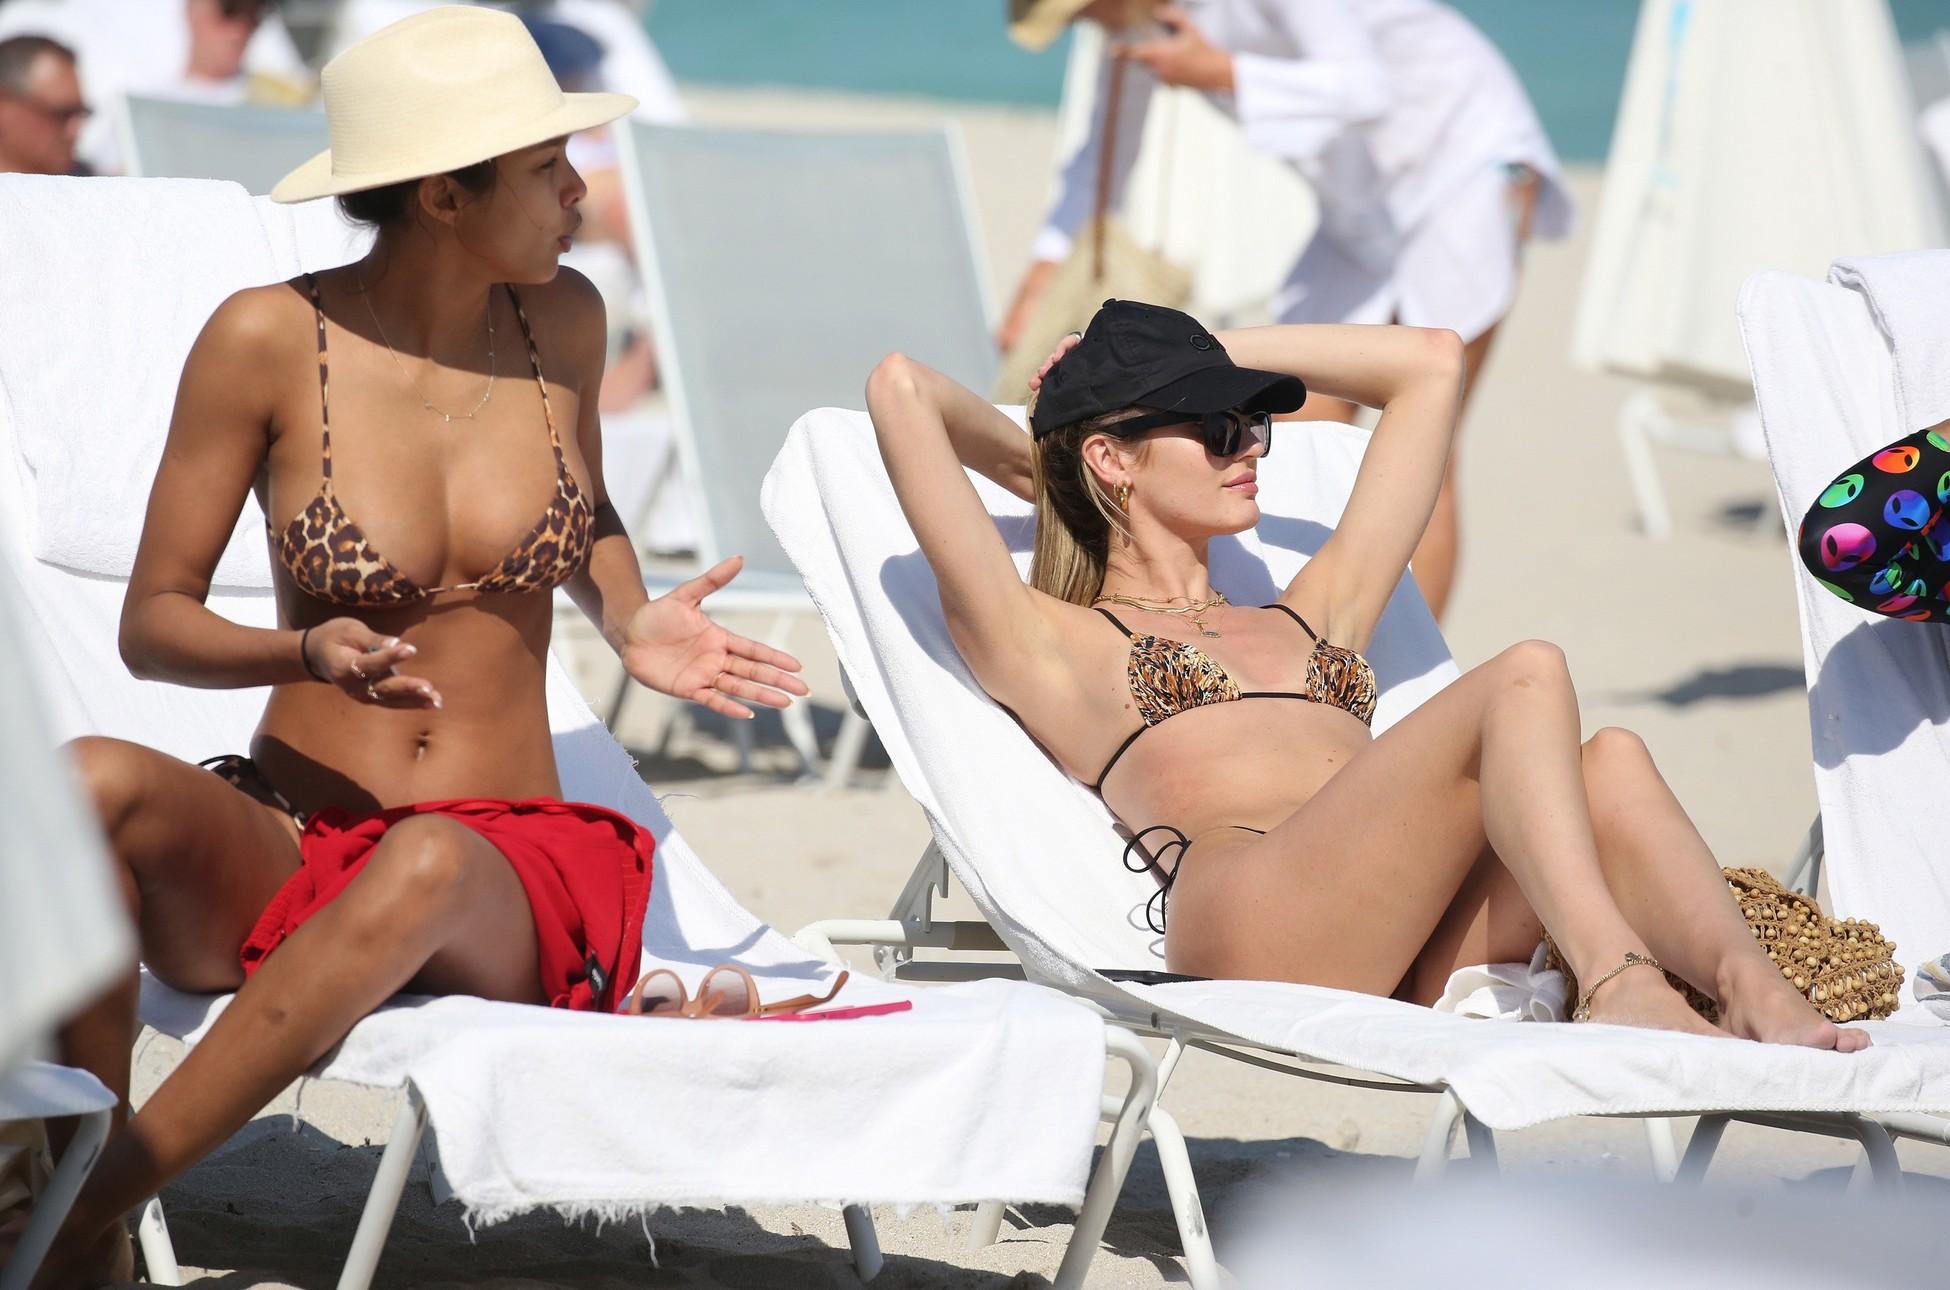 Lais Ribeiro & Candice Swanepoel Bikini